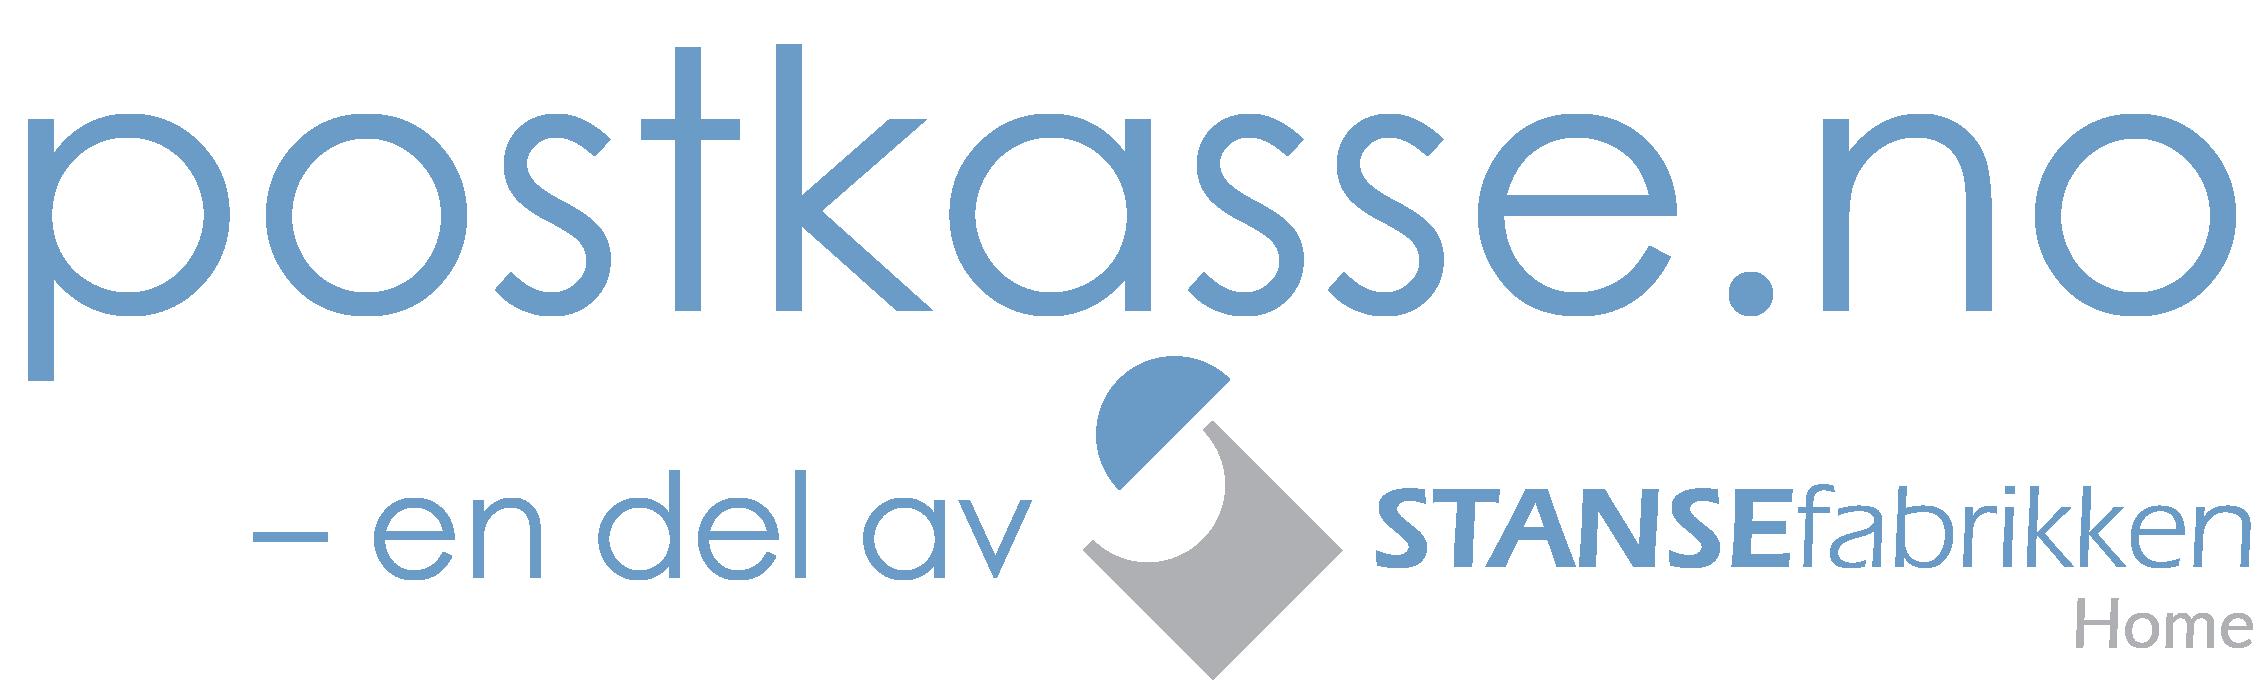 postkasse_home_logo_NETTBUTIKKEN